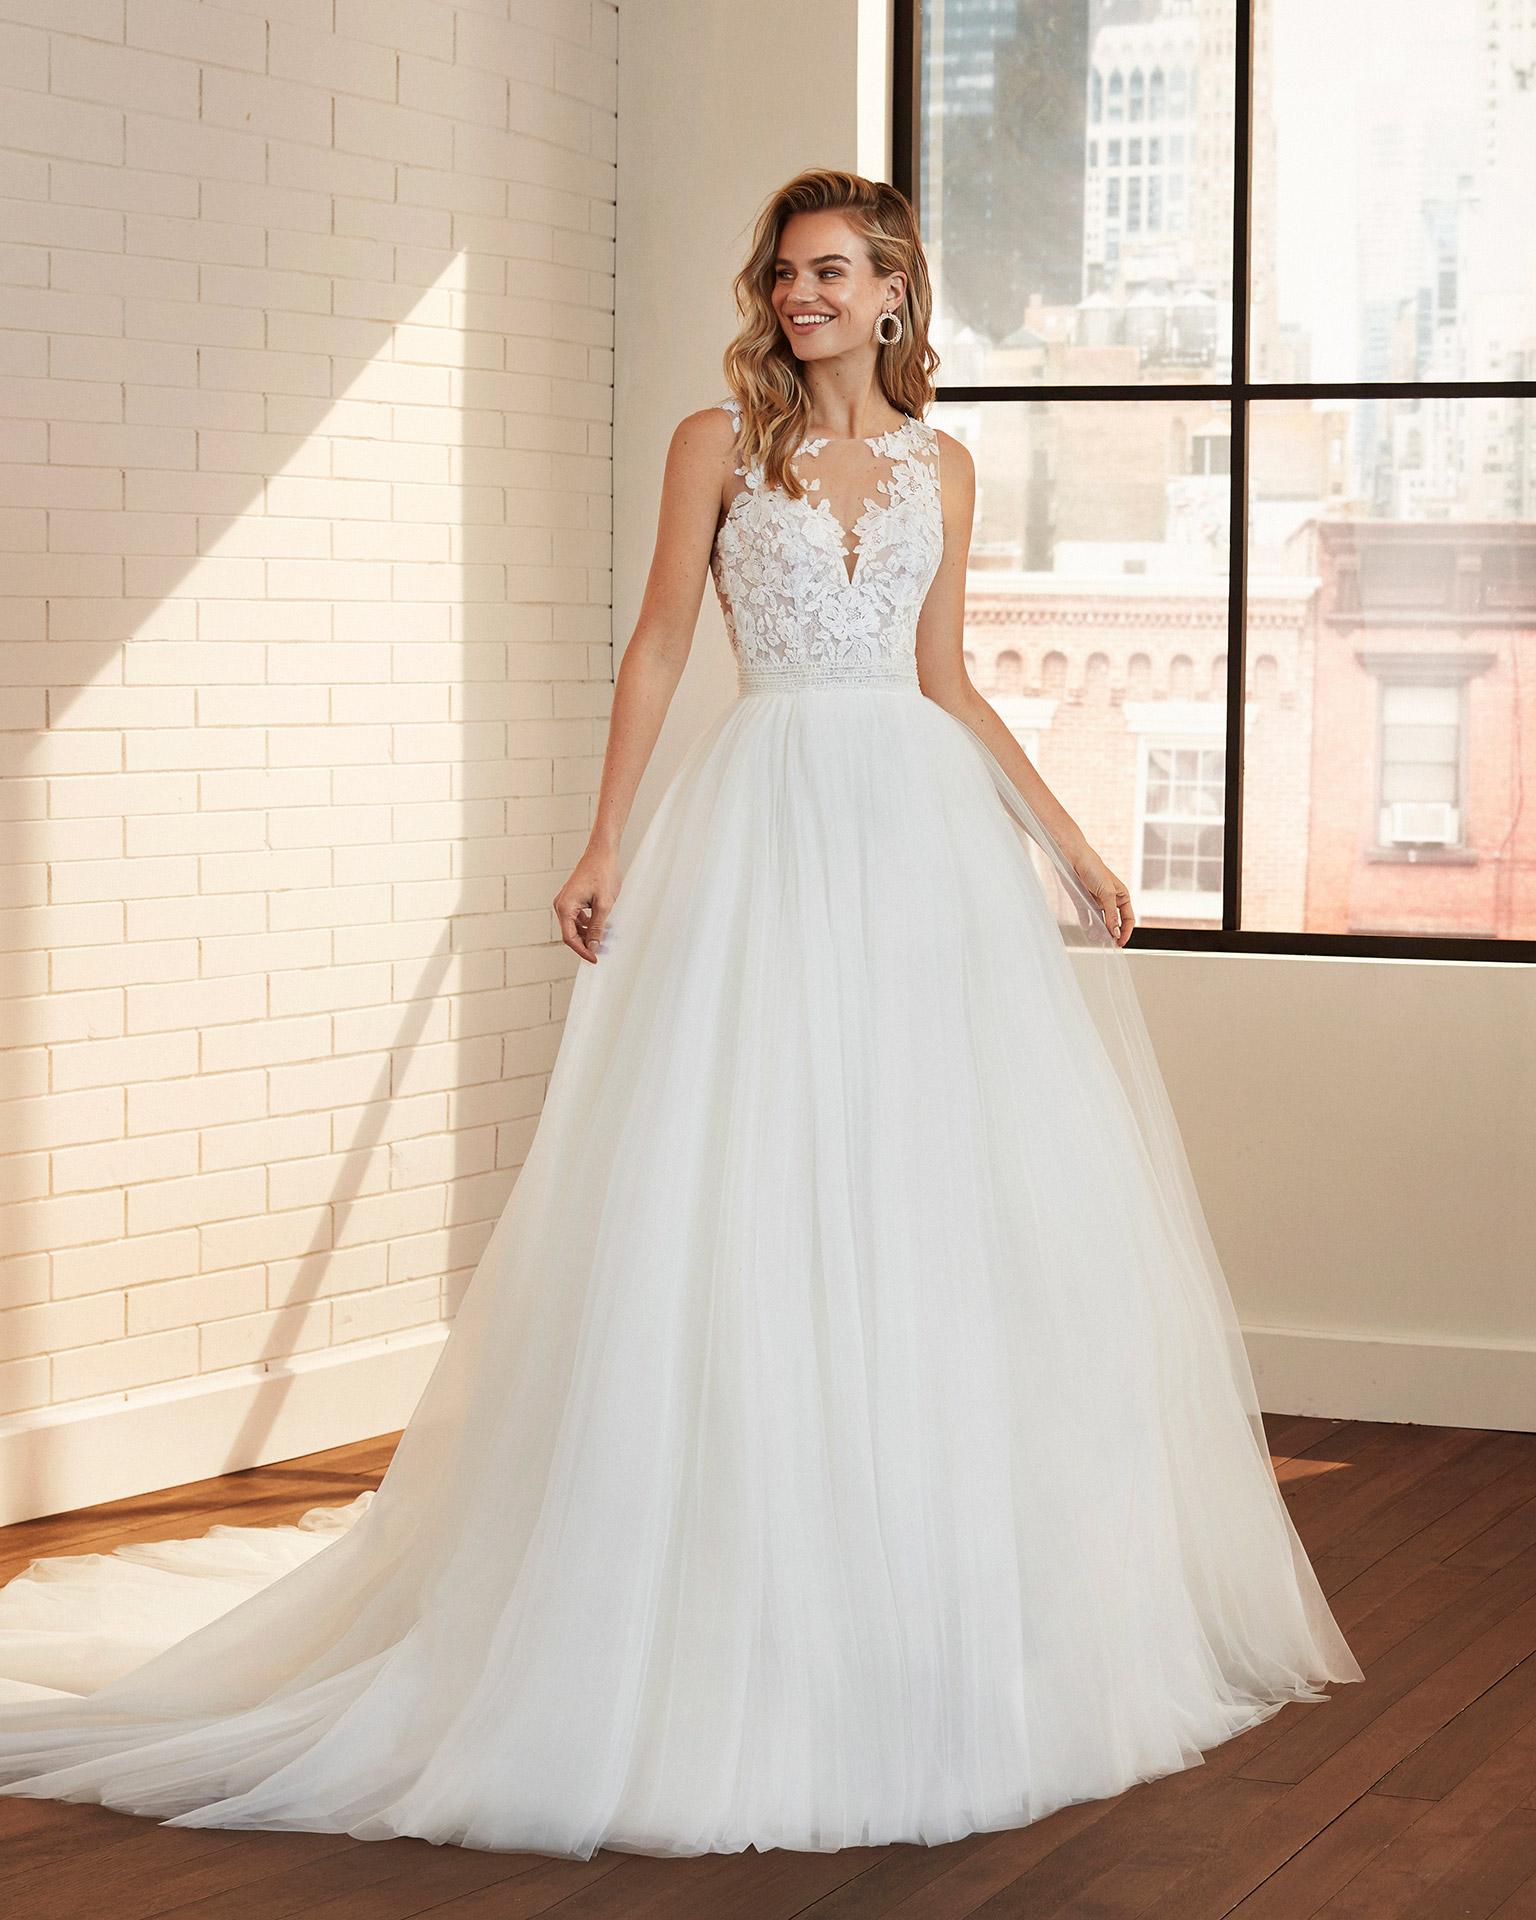 Vestido de novia estilo princesa de tul, encaje y cintura pedrería con escote y espalda de transparencias. Colección  2020.